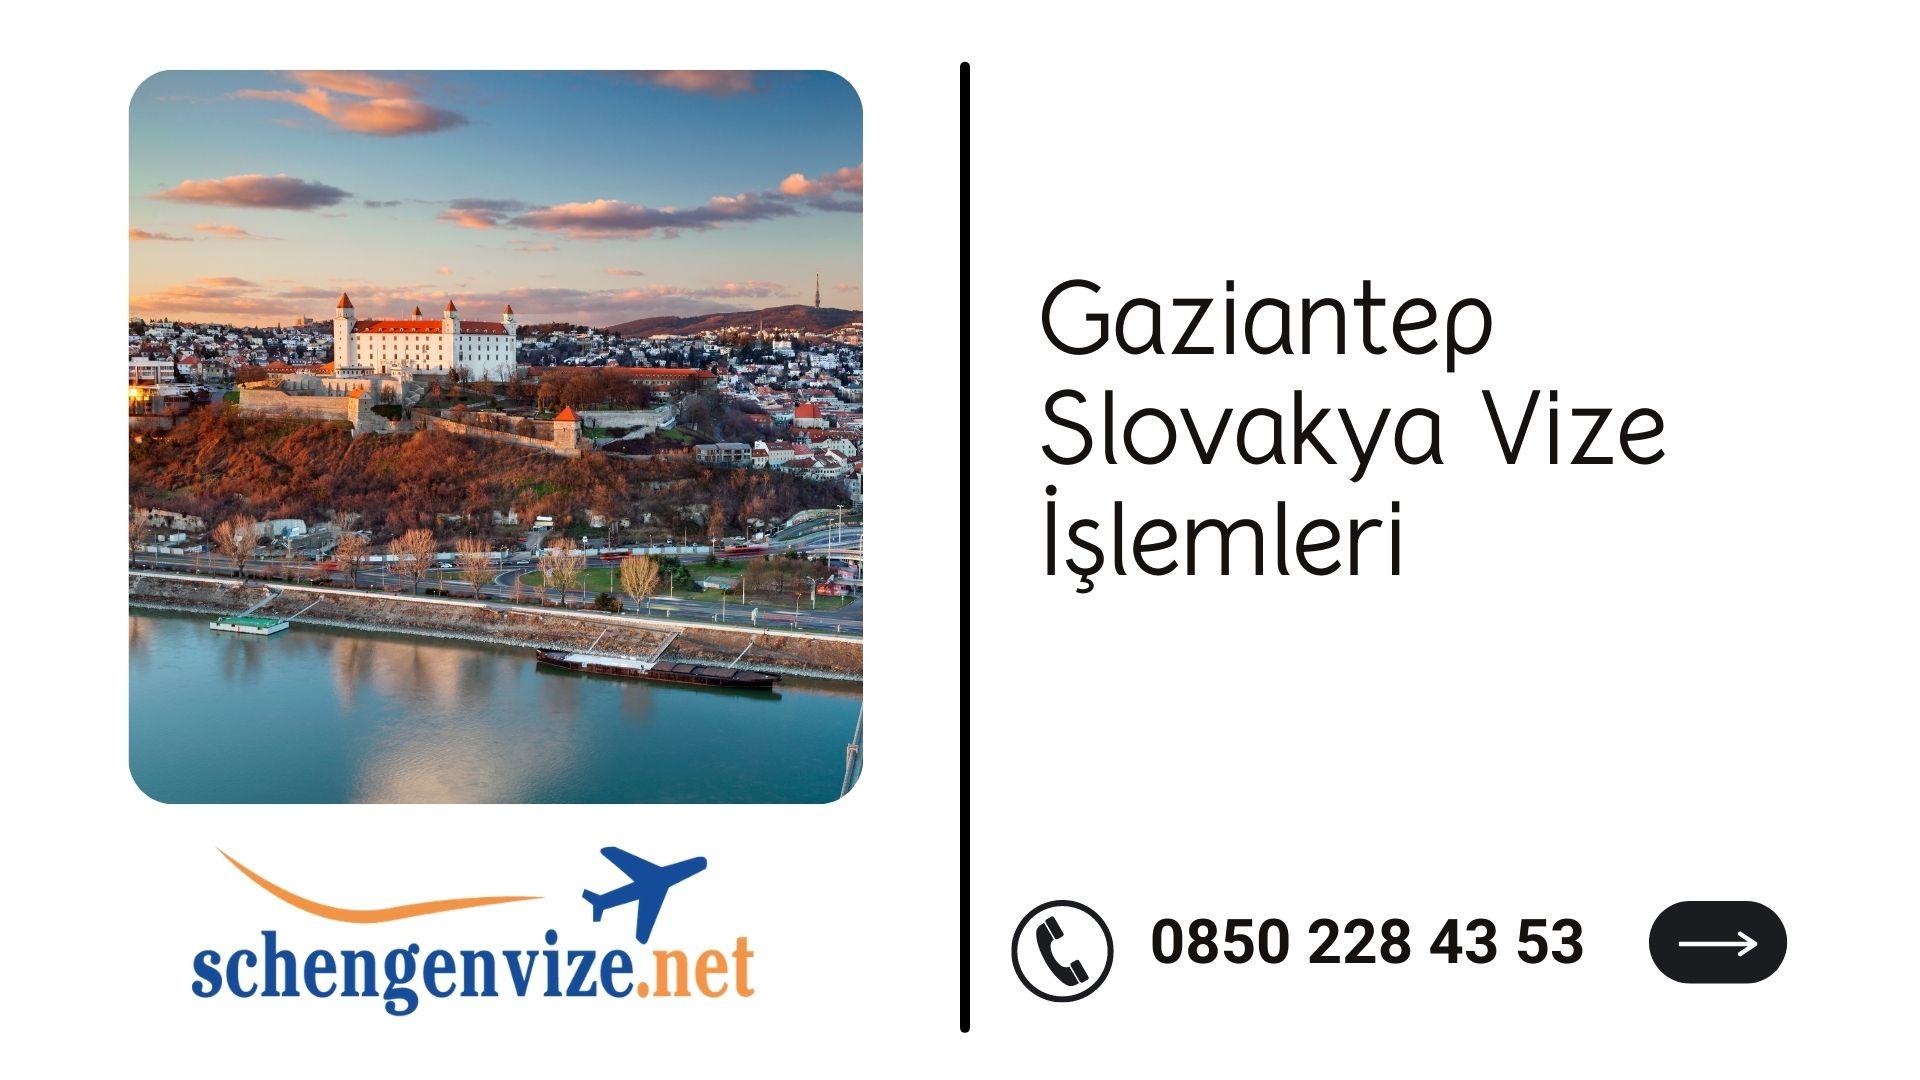 Gaziantep Slovakya Vize İşlemleri